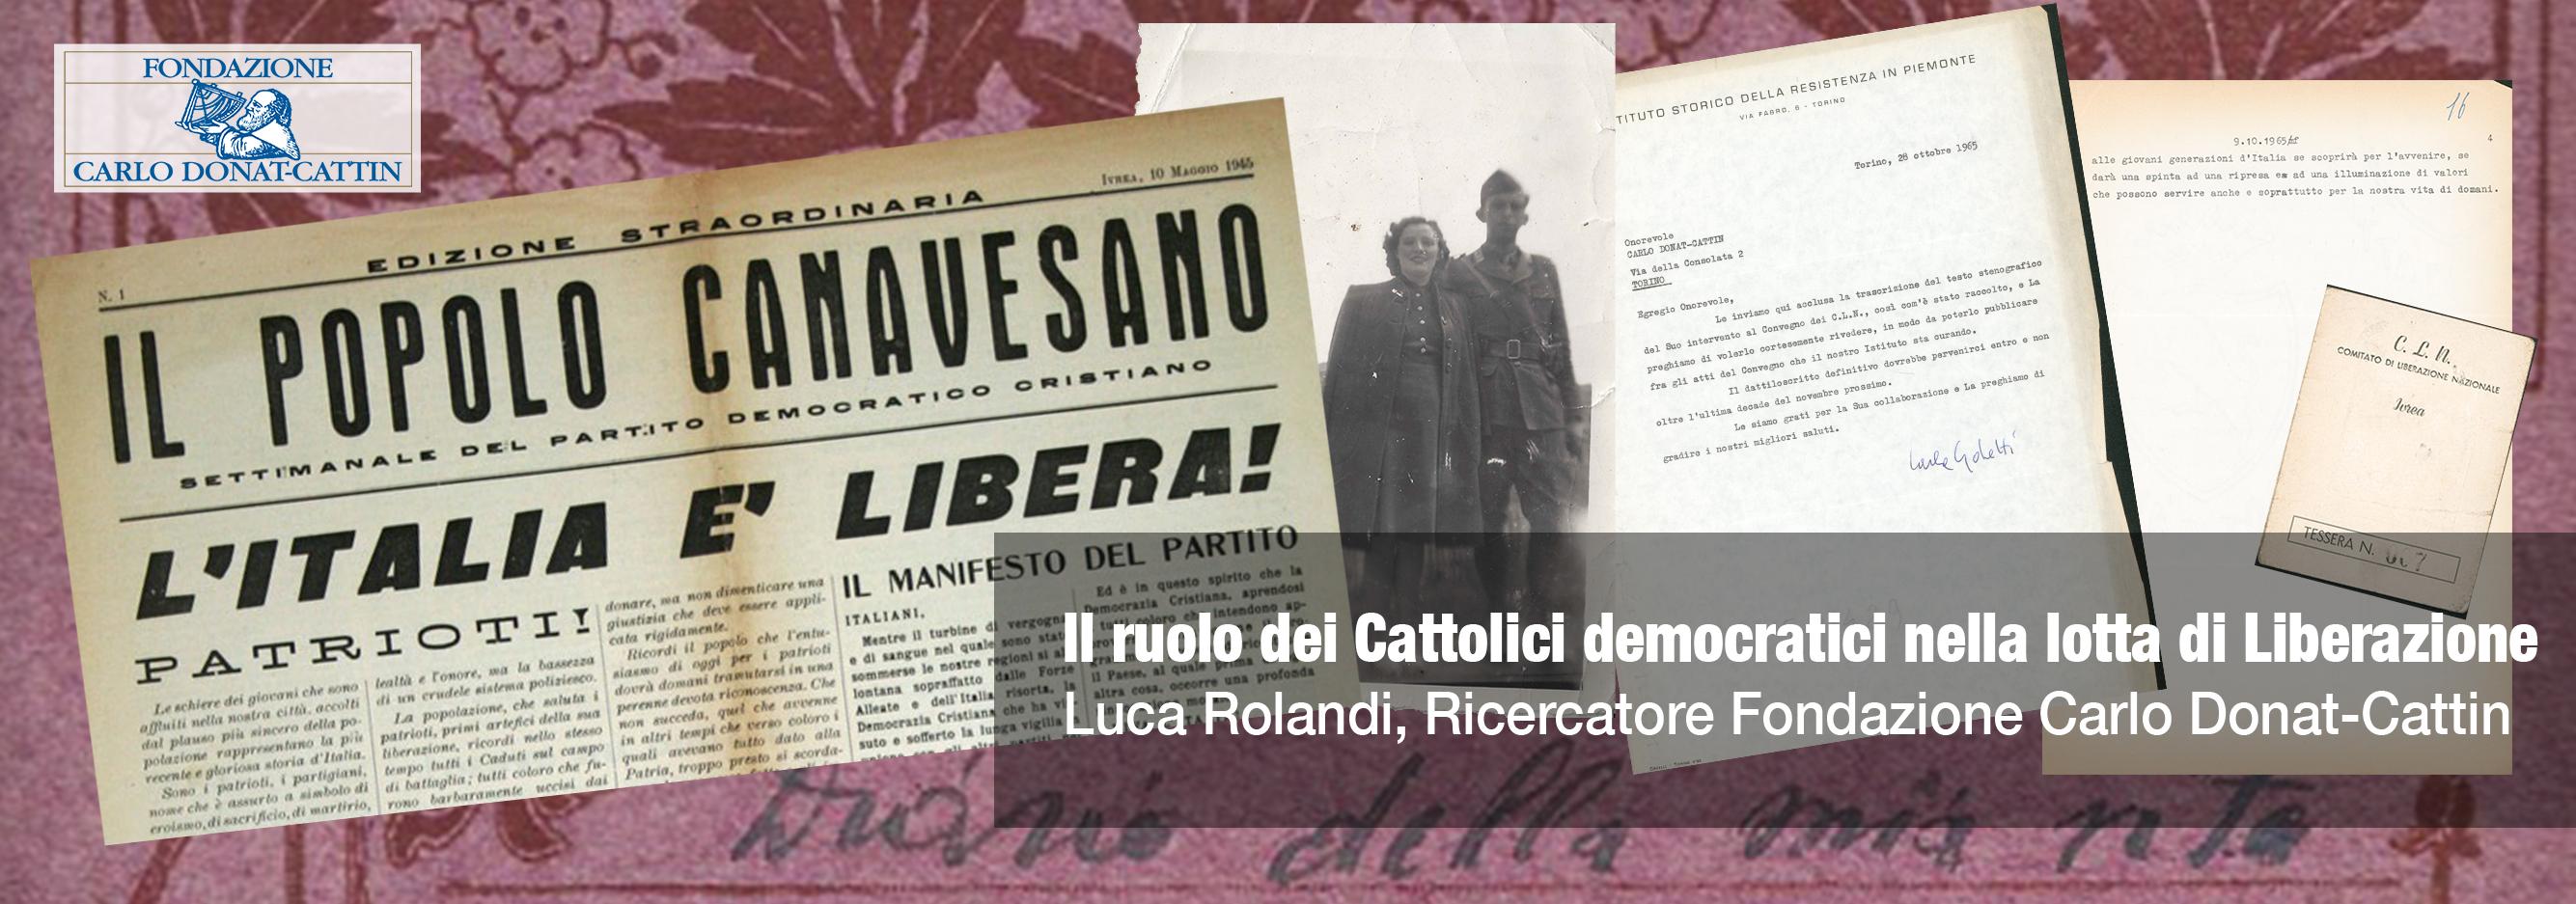 il ruolo dei cattolici democratici nella lotta di liberazione  fondazione donat-cattin